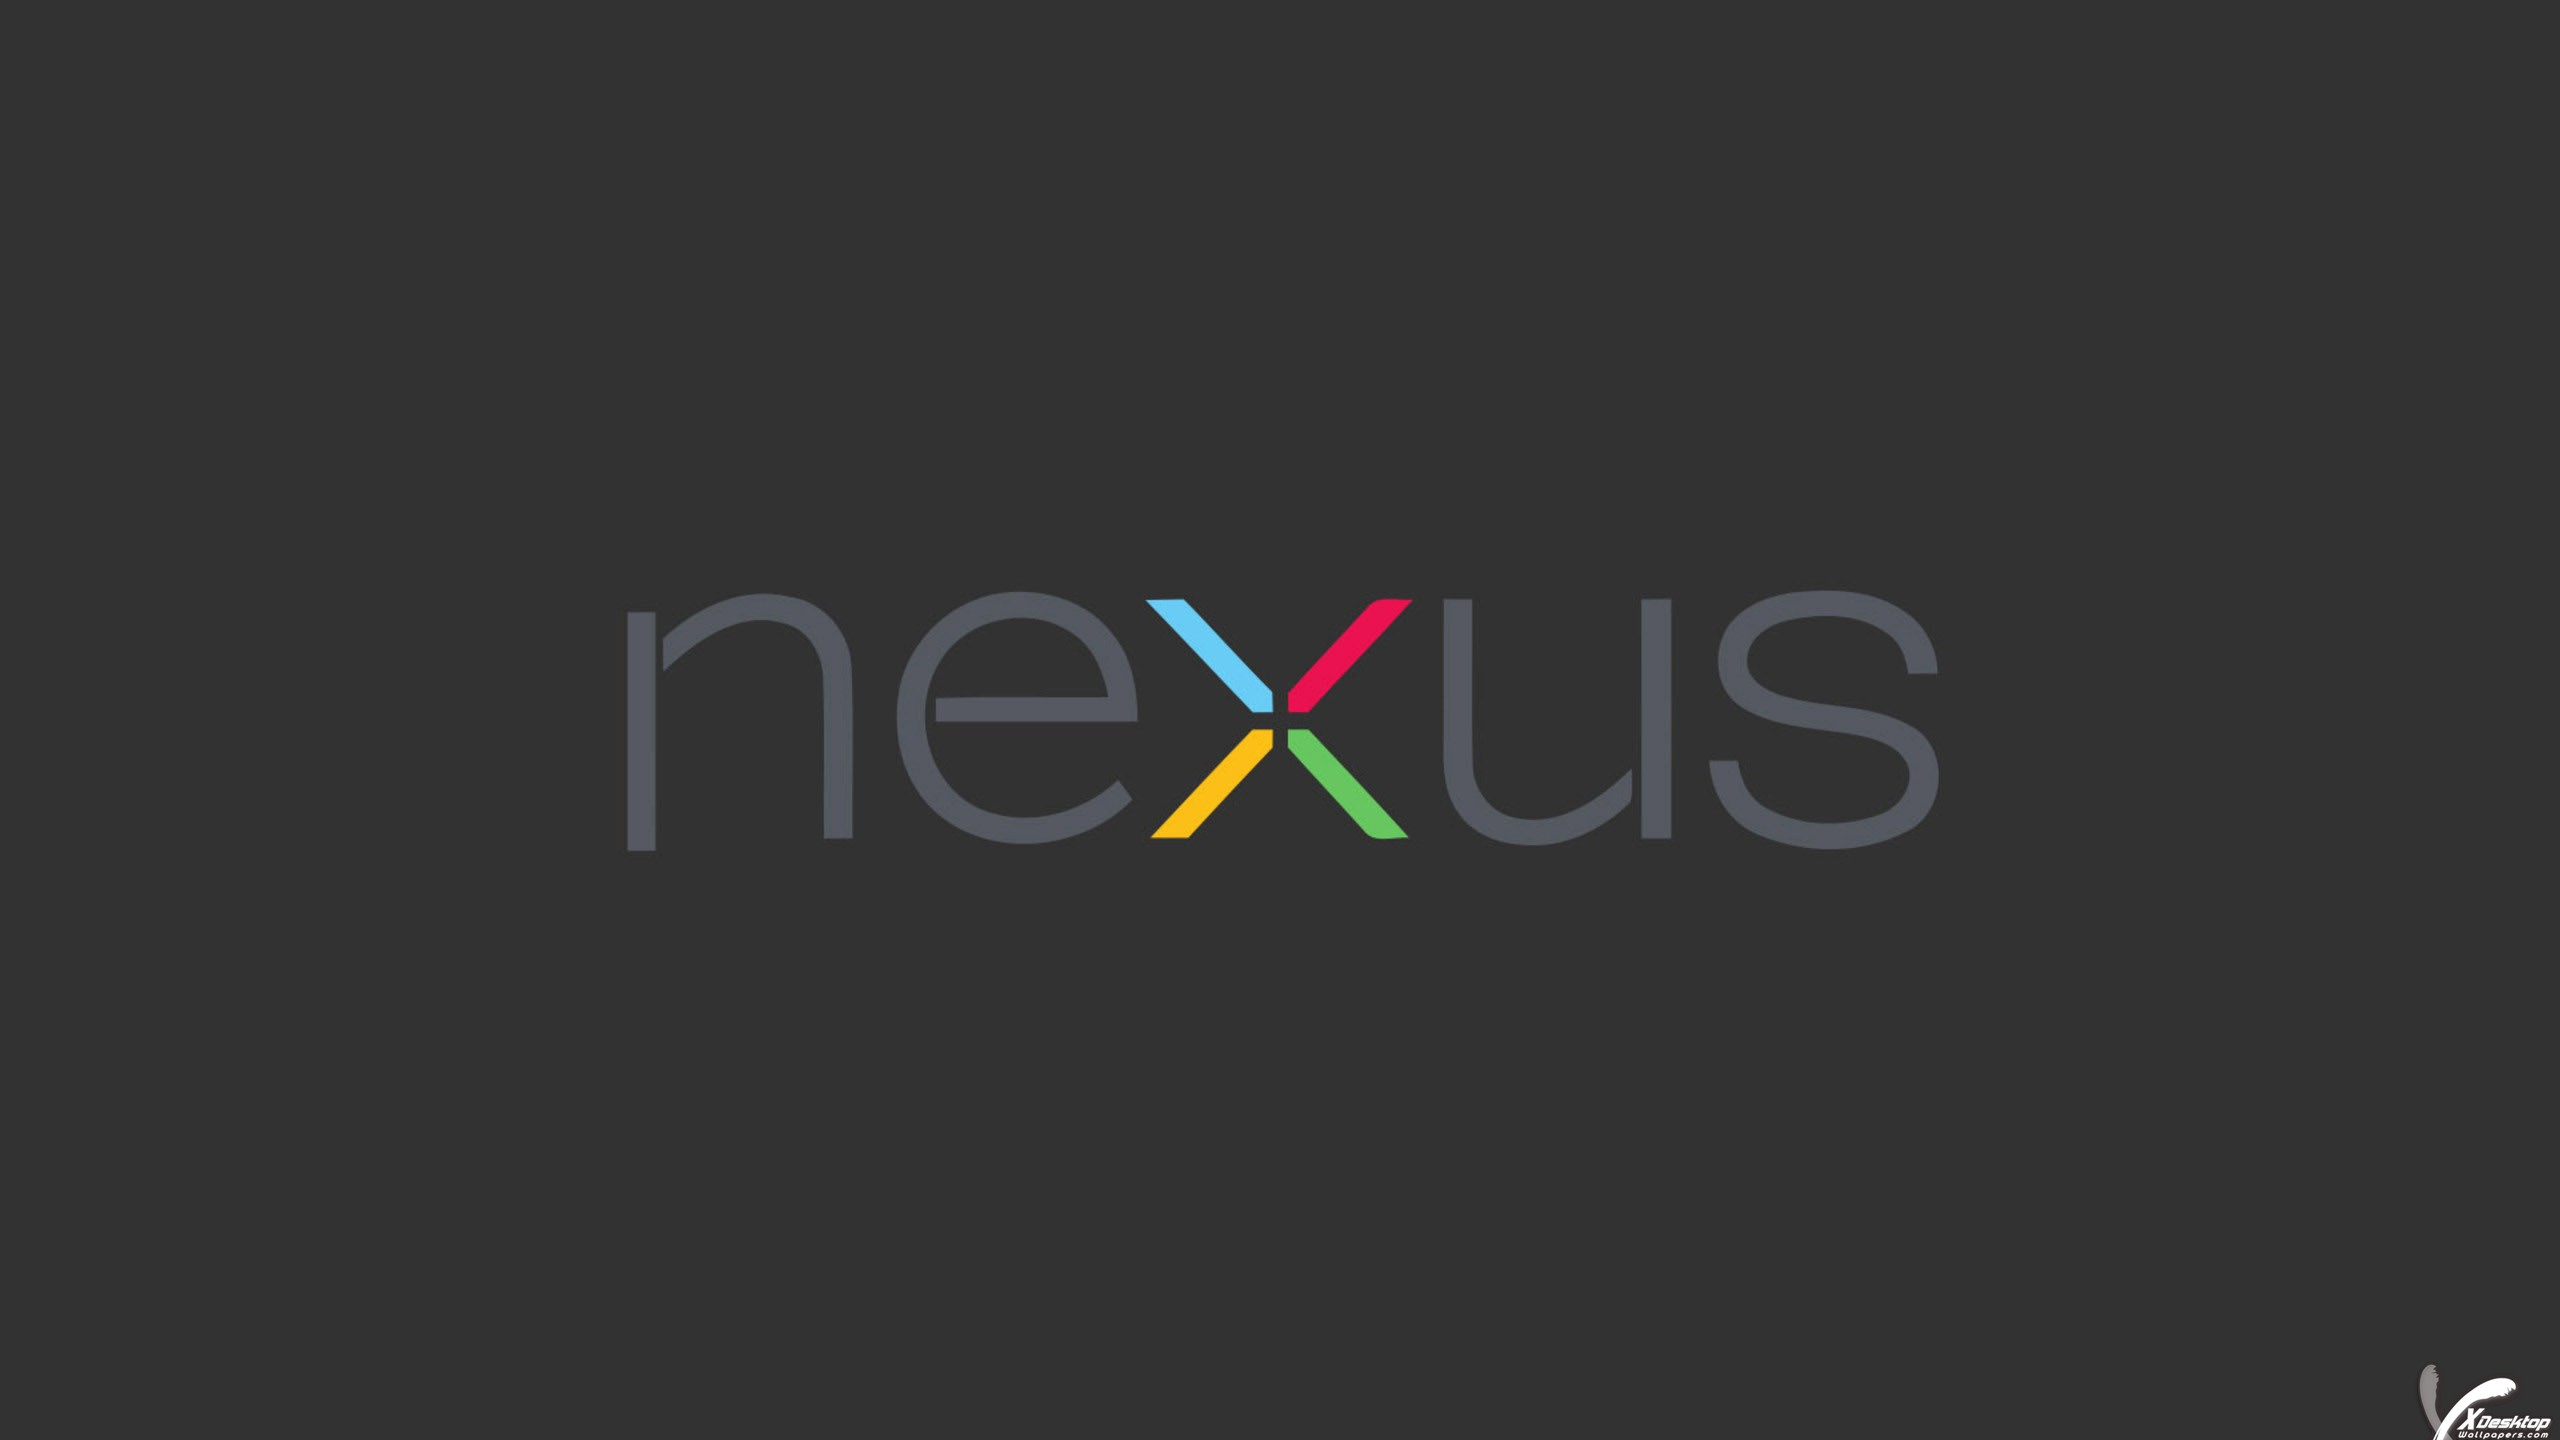 Google mudará nome da linha Nexus e lançará novos aparelhos em outubro